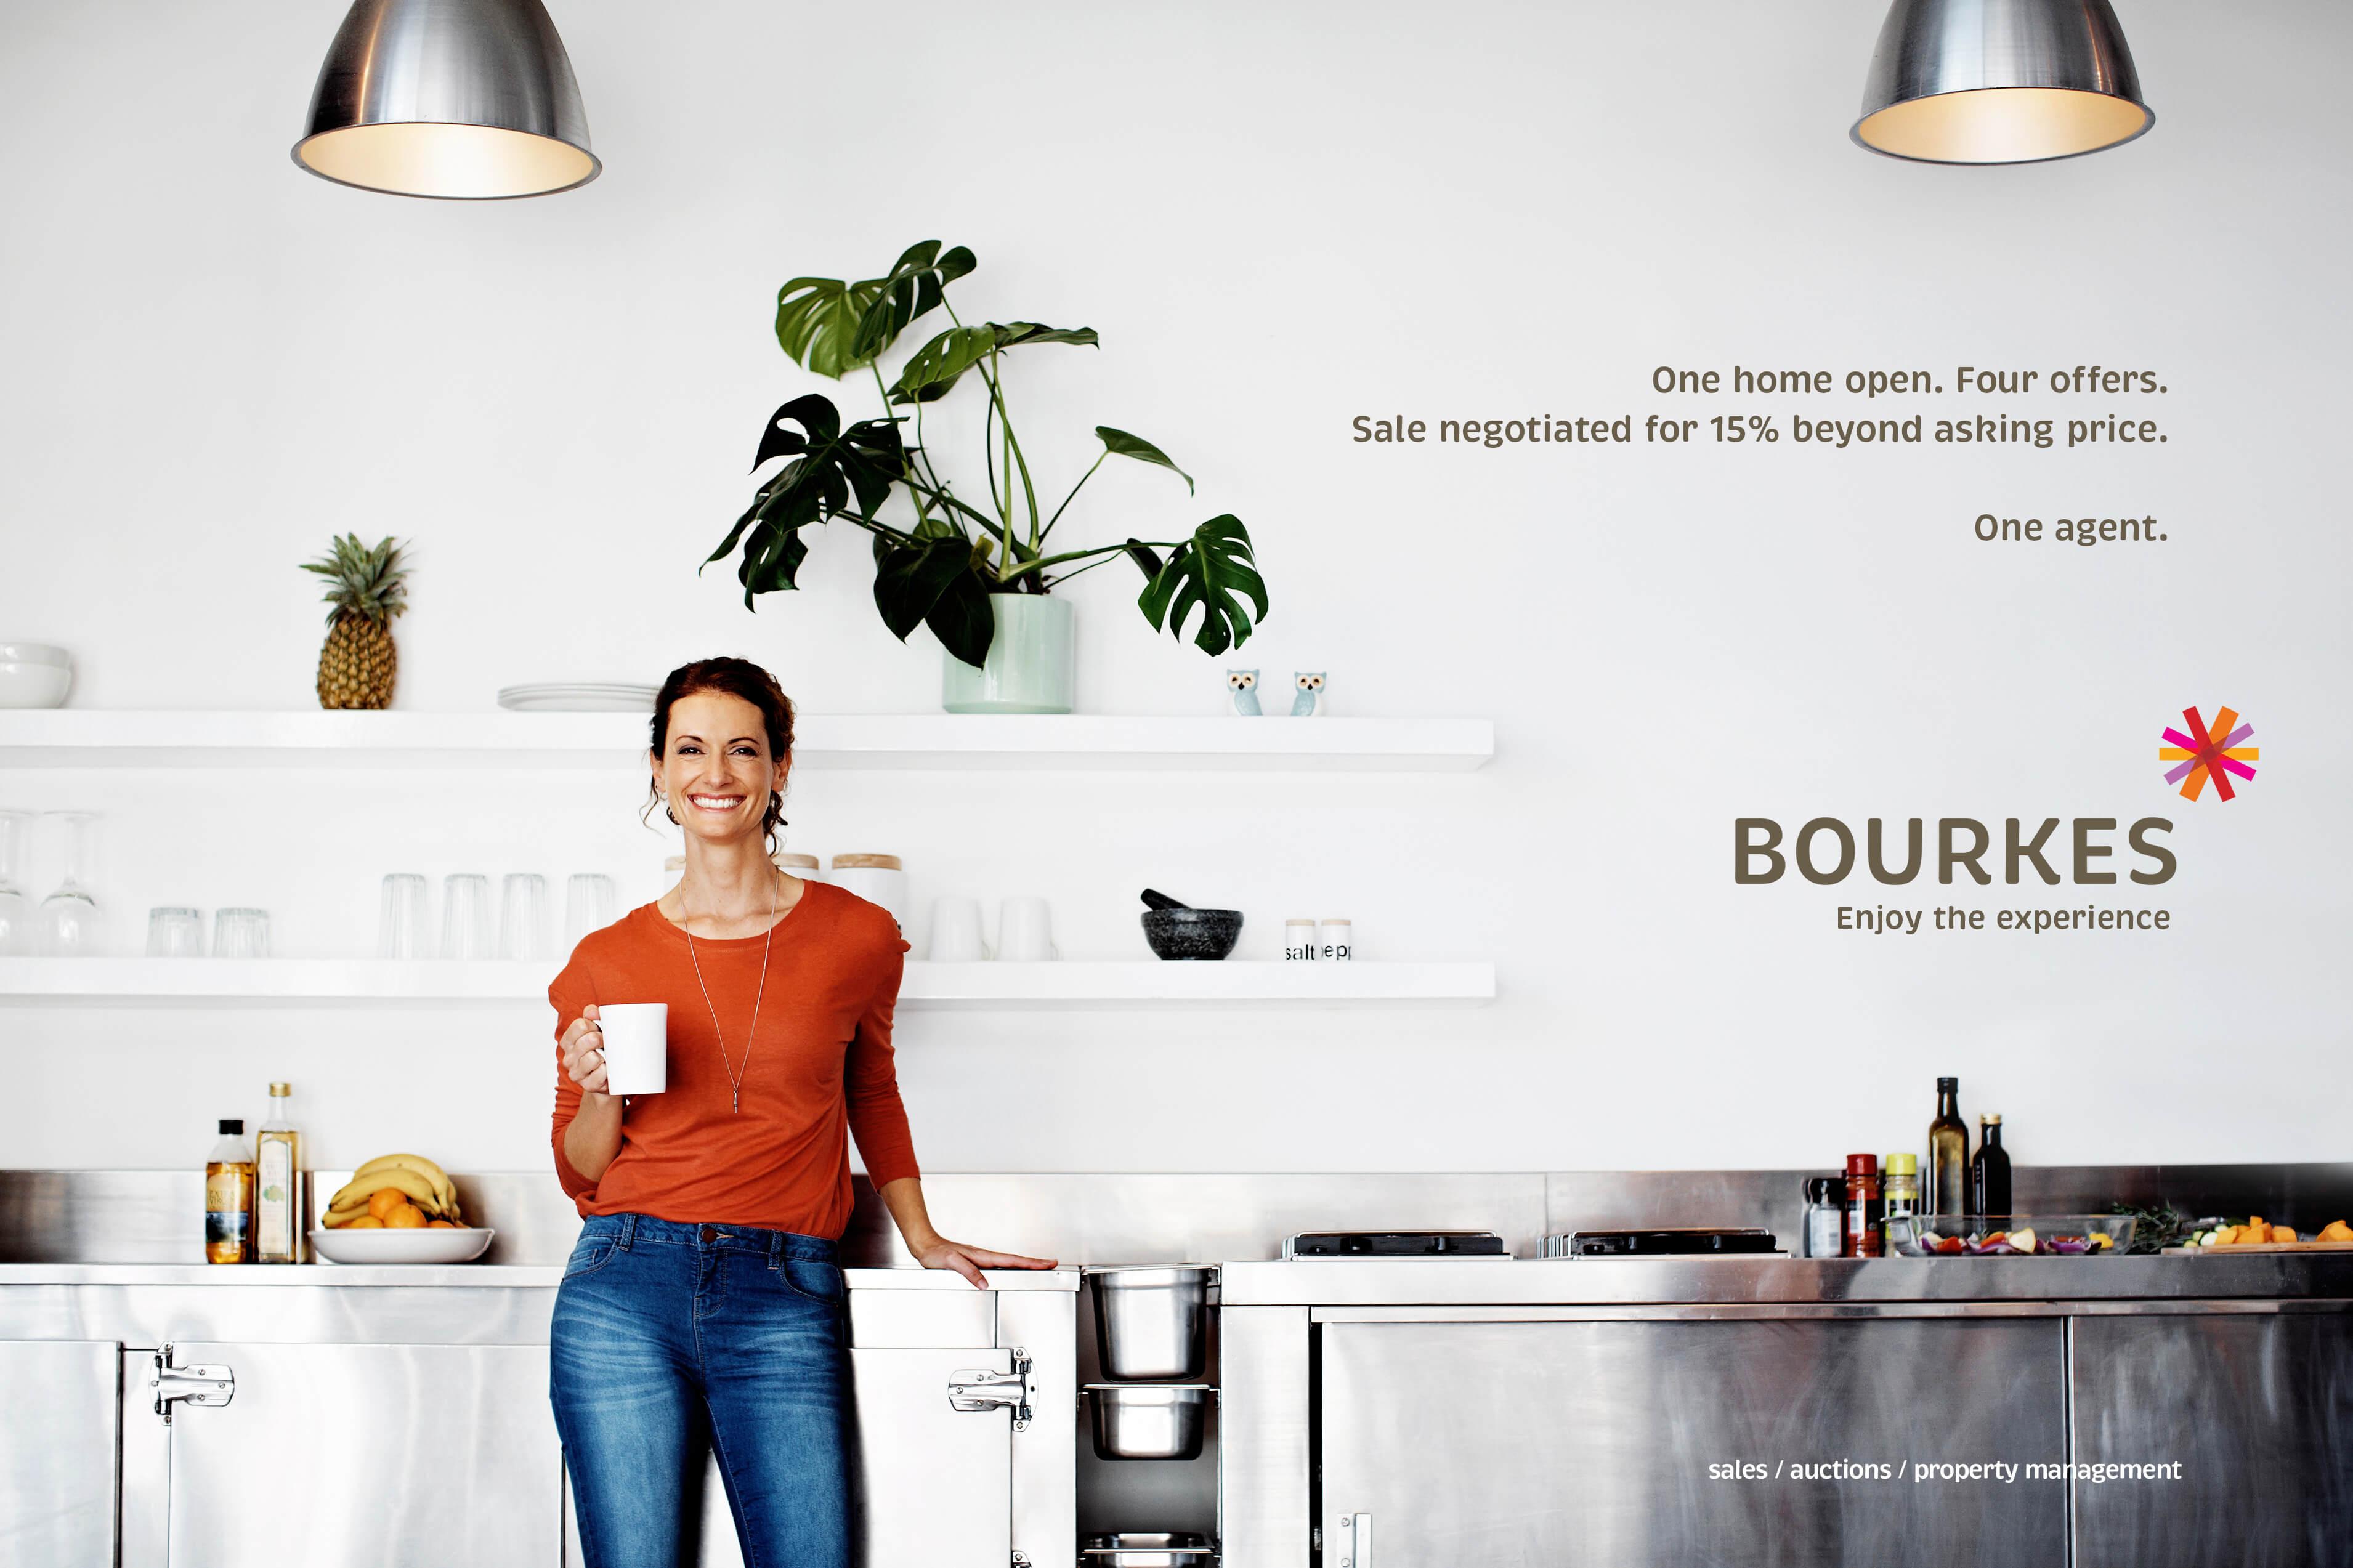 bourkes-real-estate-ad